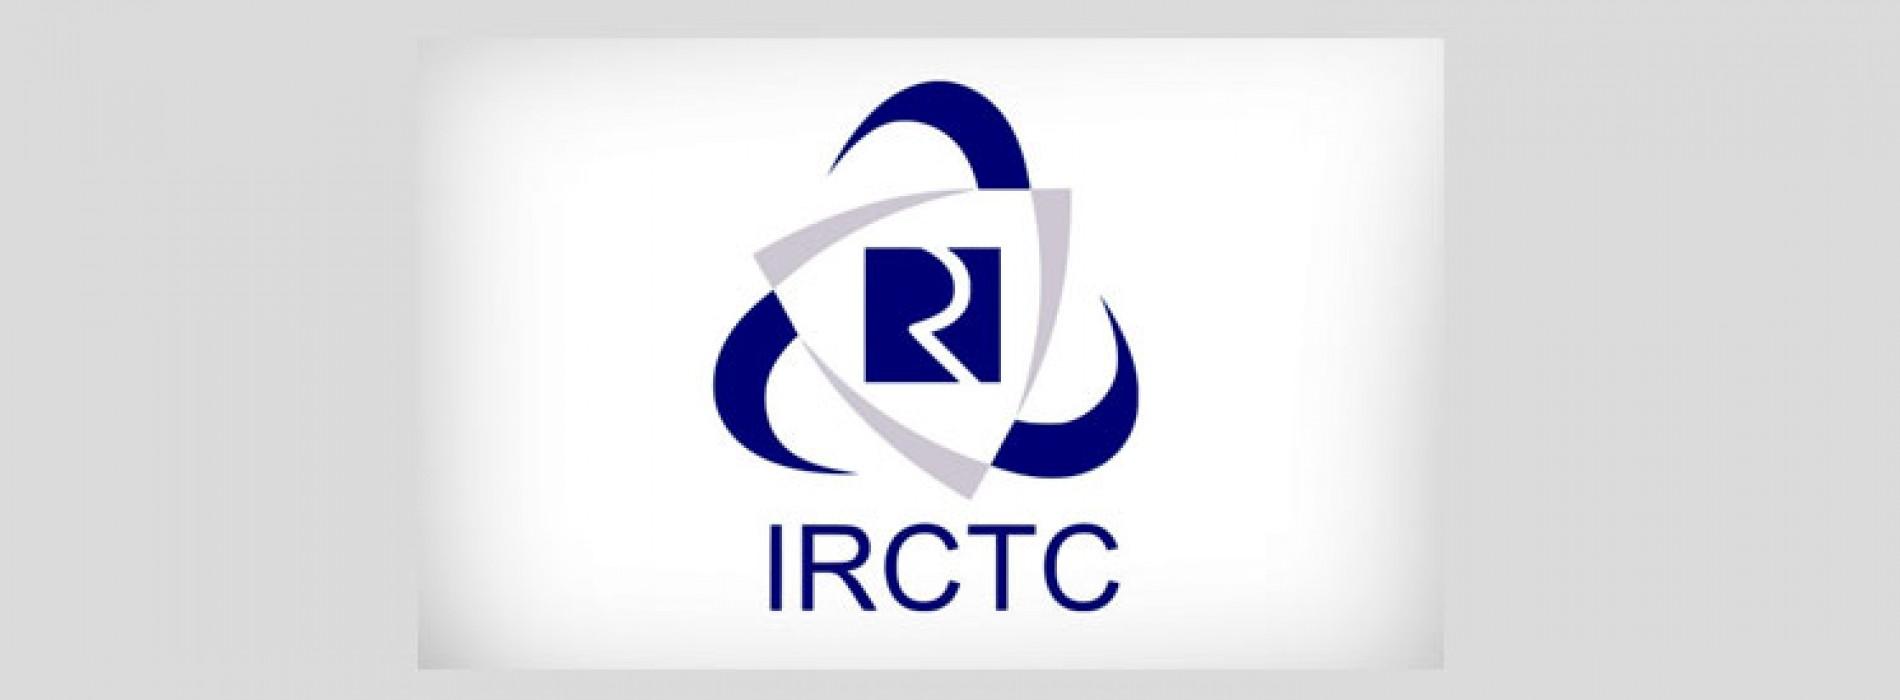 IRCTC to set up unique tourist facilitation centre